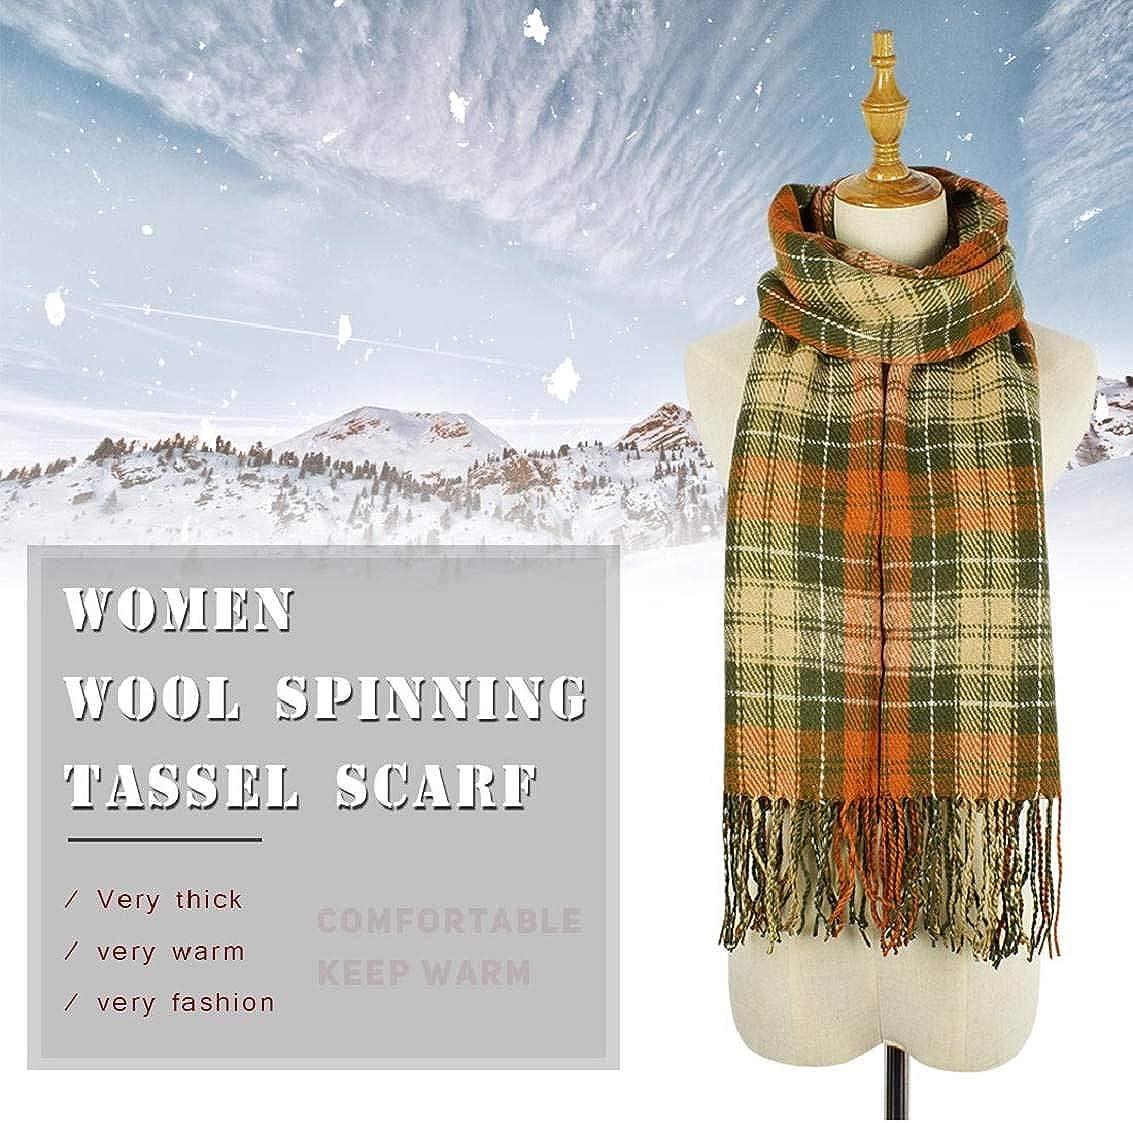 heekpek Mujeres caliente Mantas Cozy Pashmina bufanda larga tart/án enrejado mant/ón